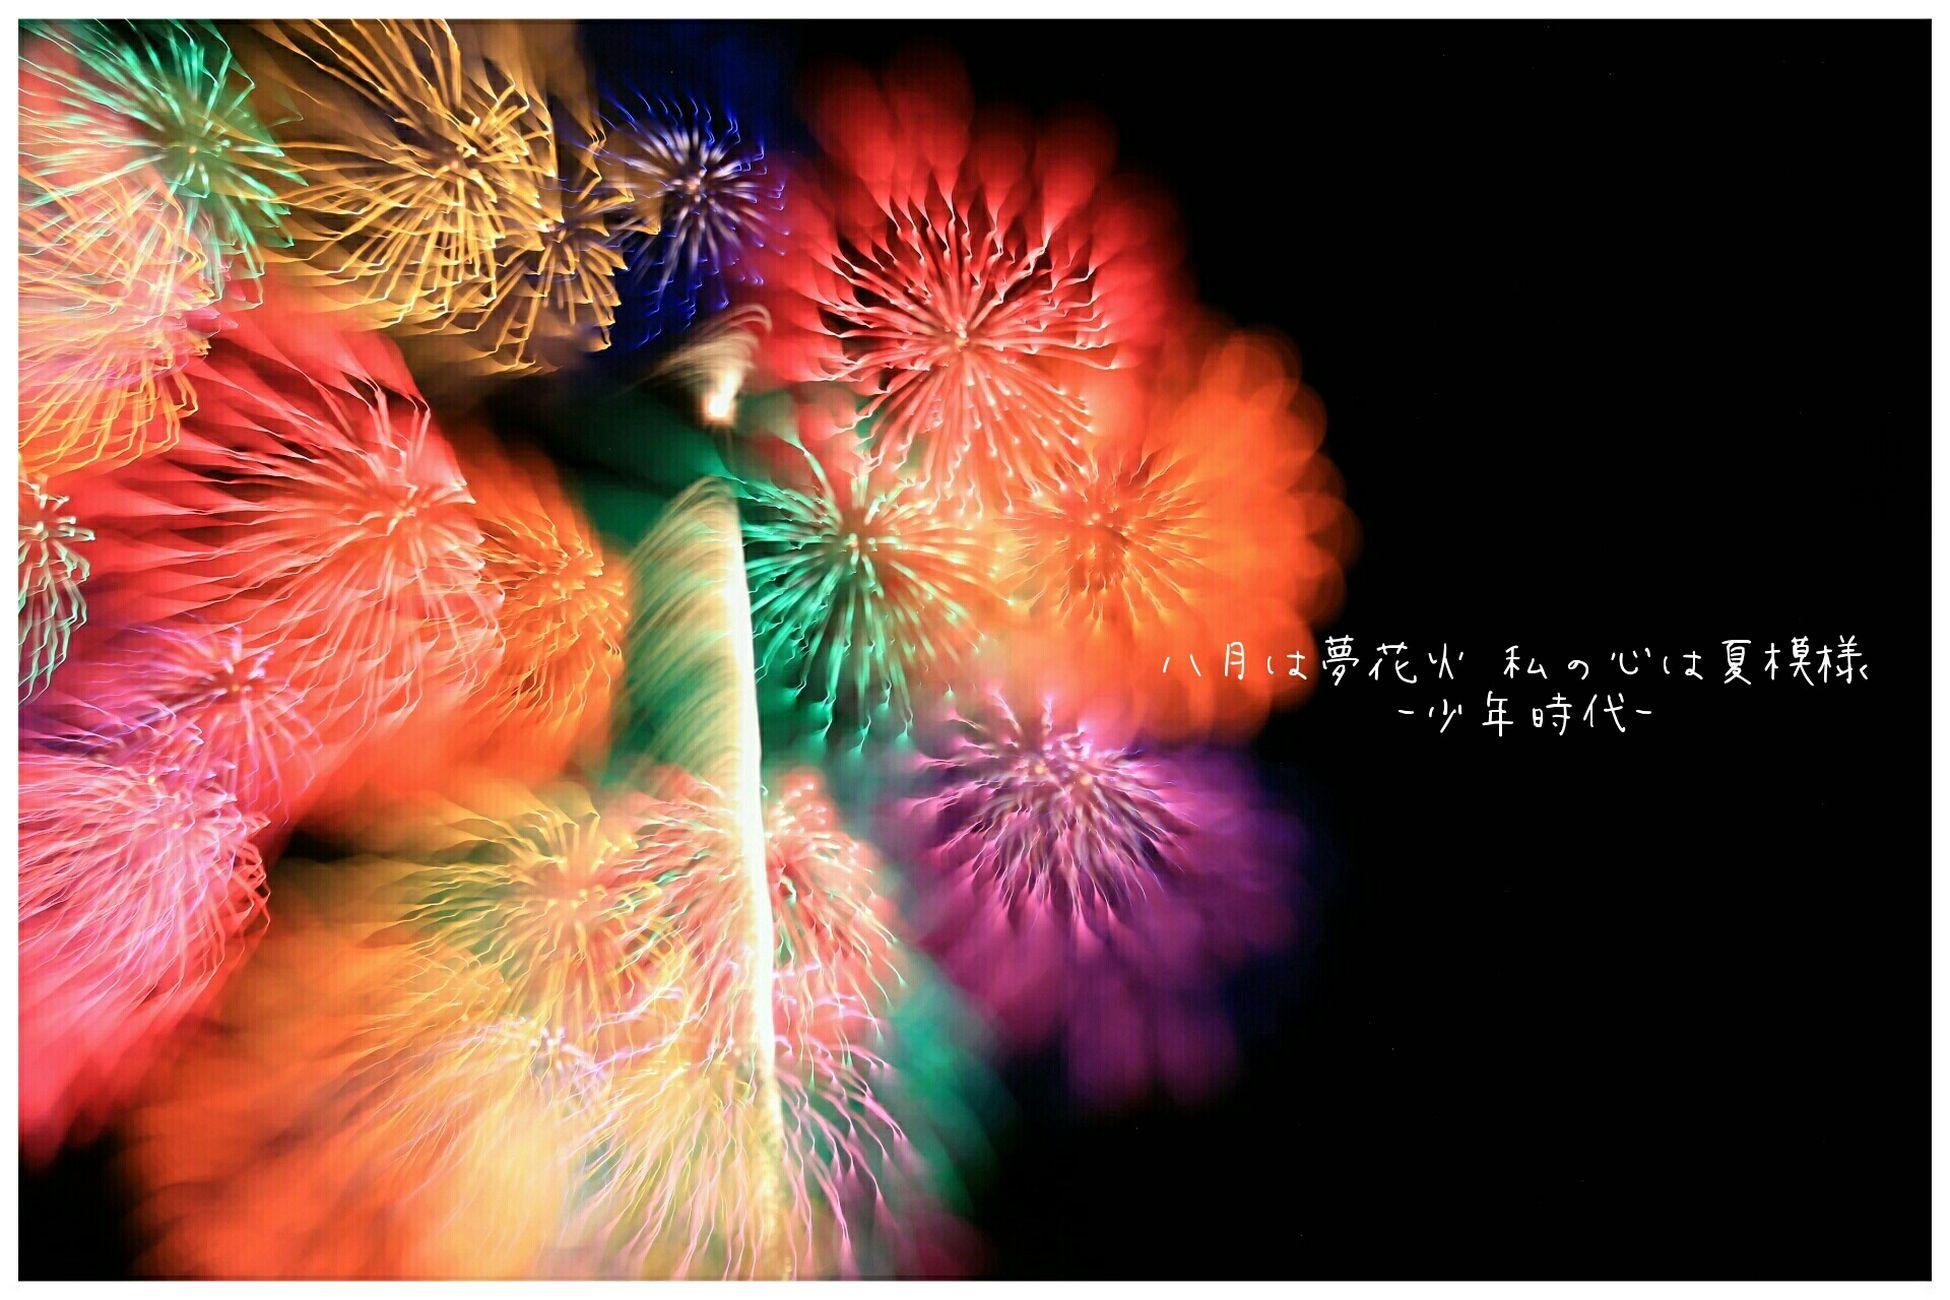 花火 Fireworks 露光間ピントずらし 福田式 Nightphotography Night Sky Night Watching Fireworks Skycollection Sky_collection